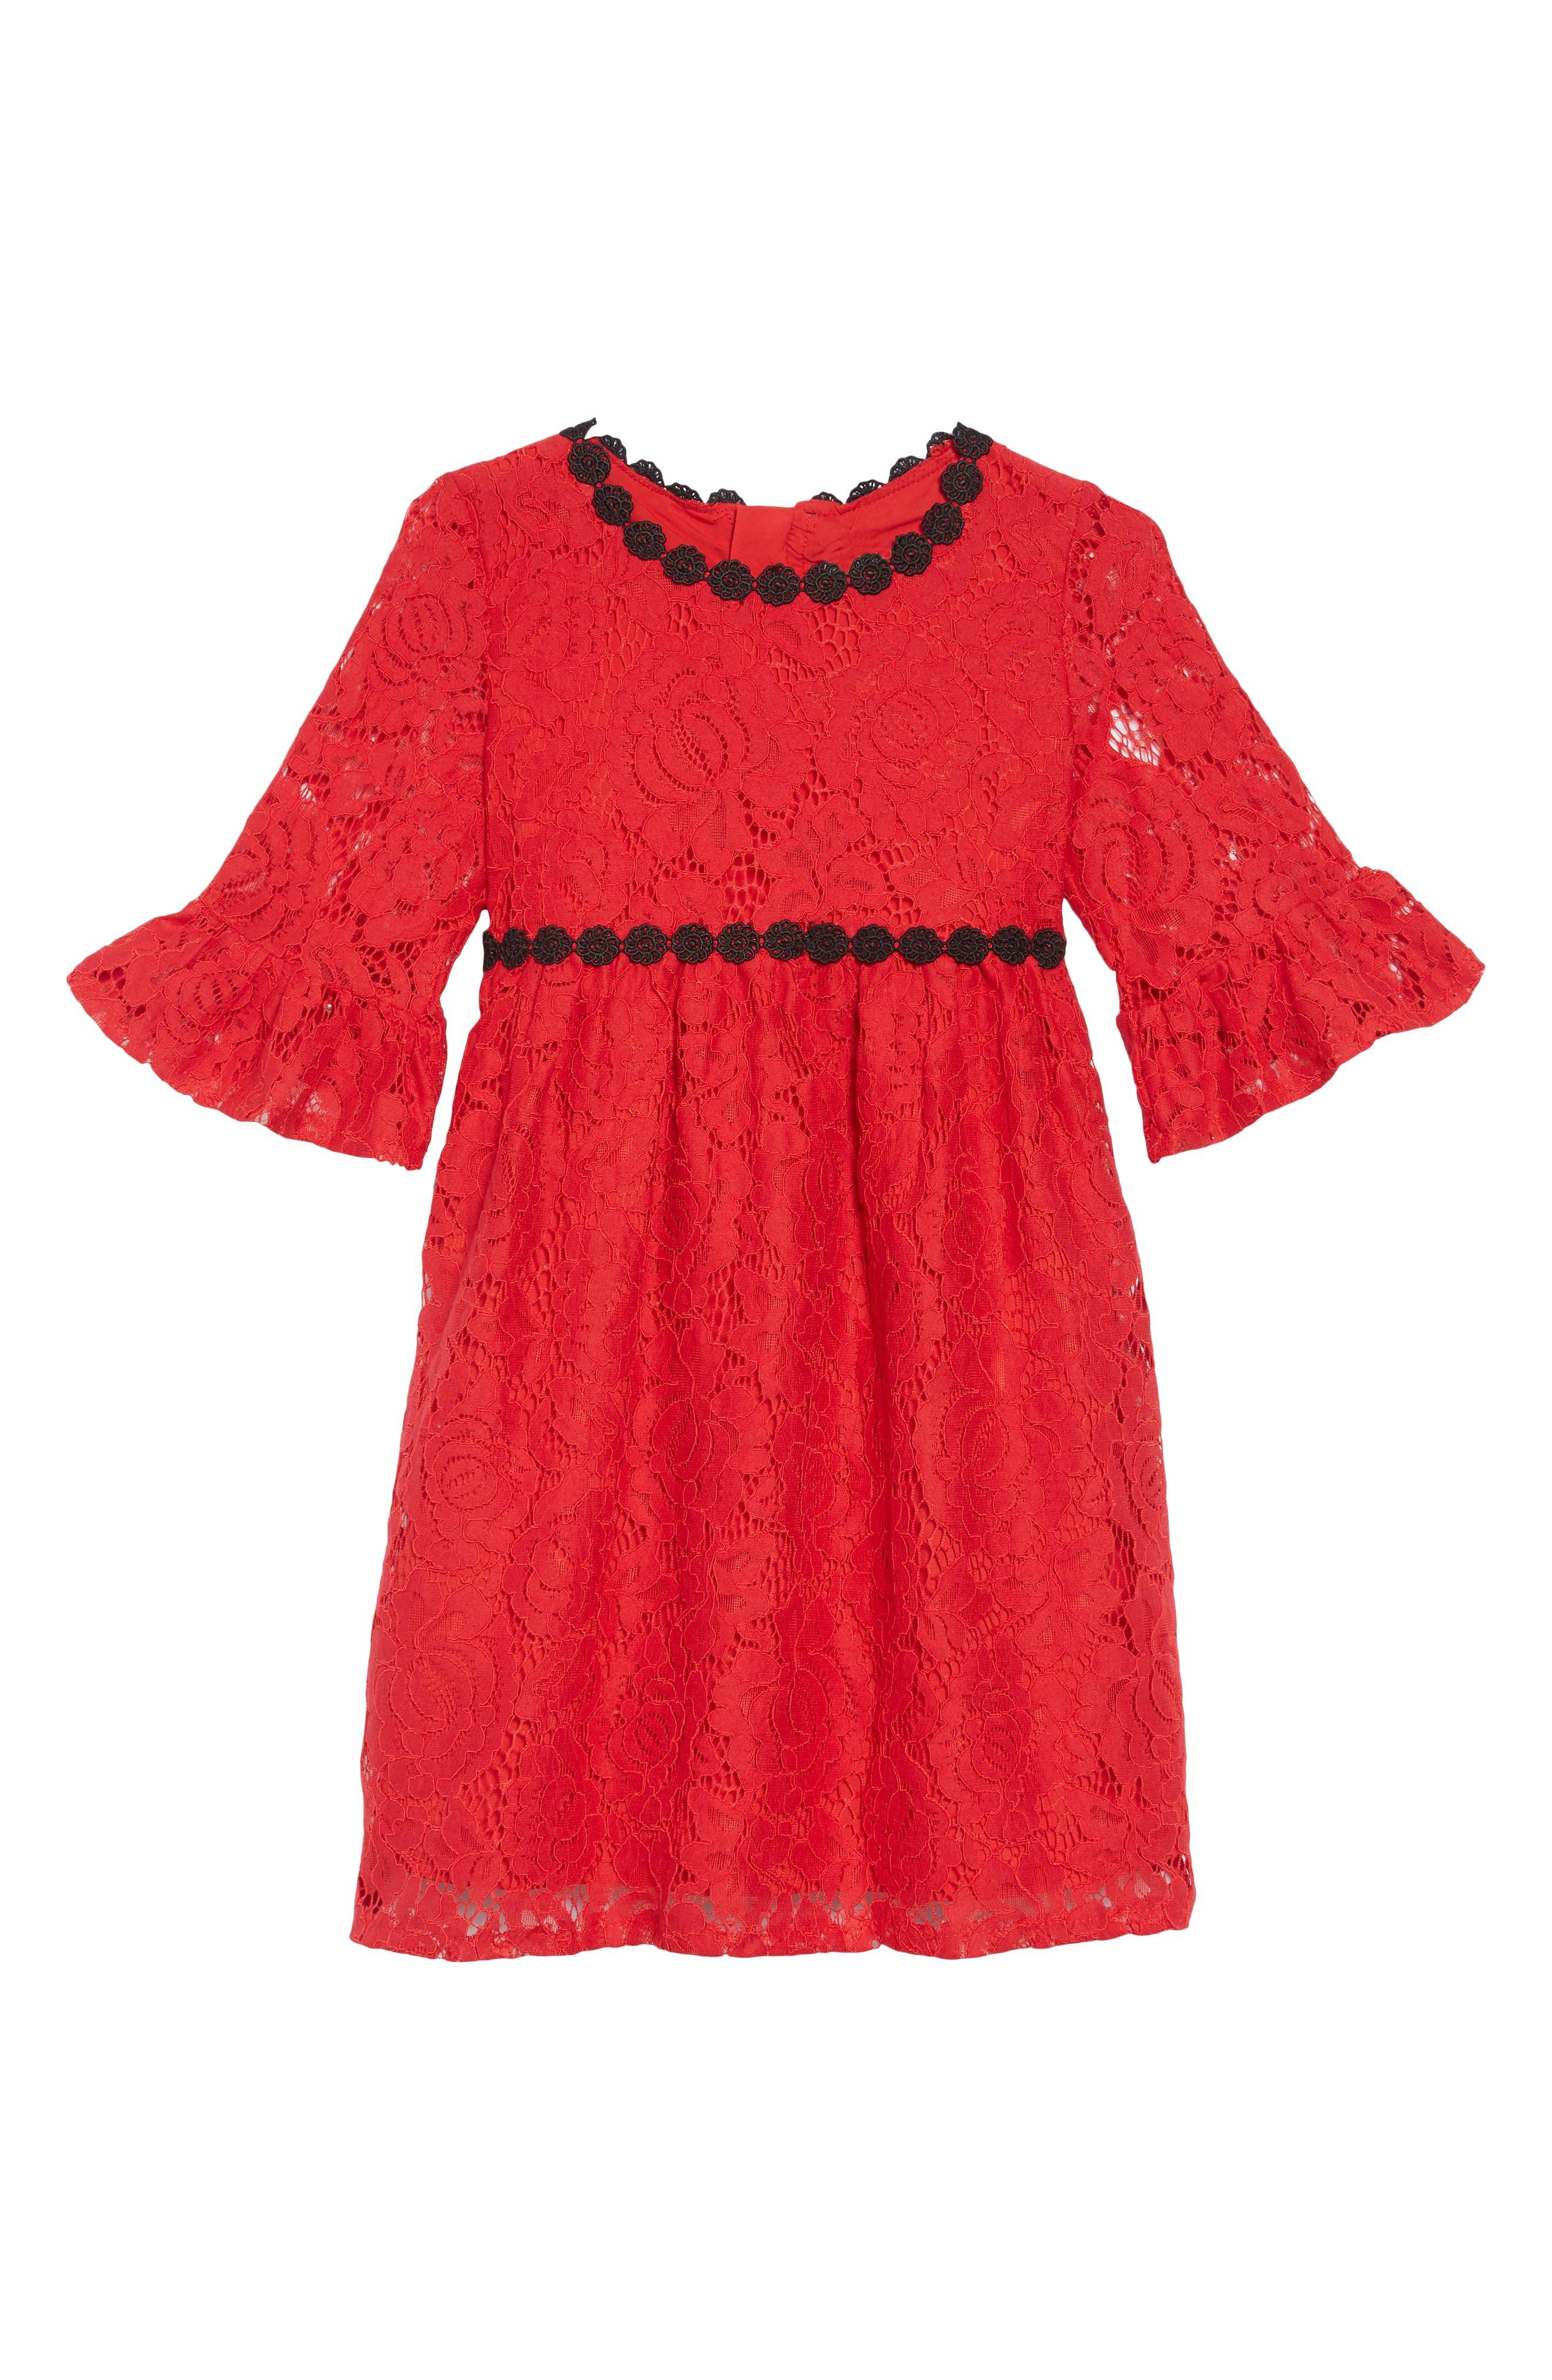 alençon lace party dress,                             Main thumbnail 1, color,                             DEEP RED